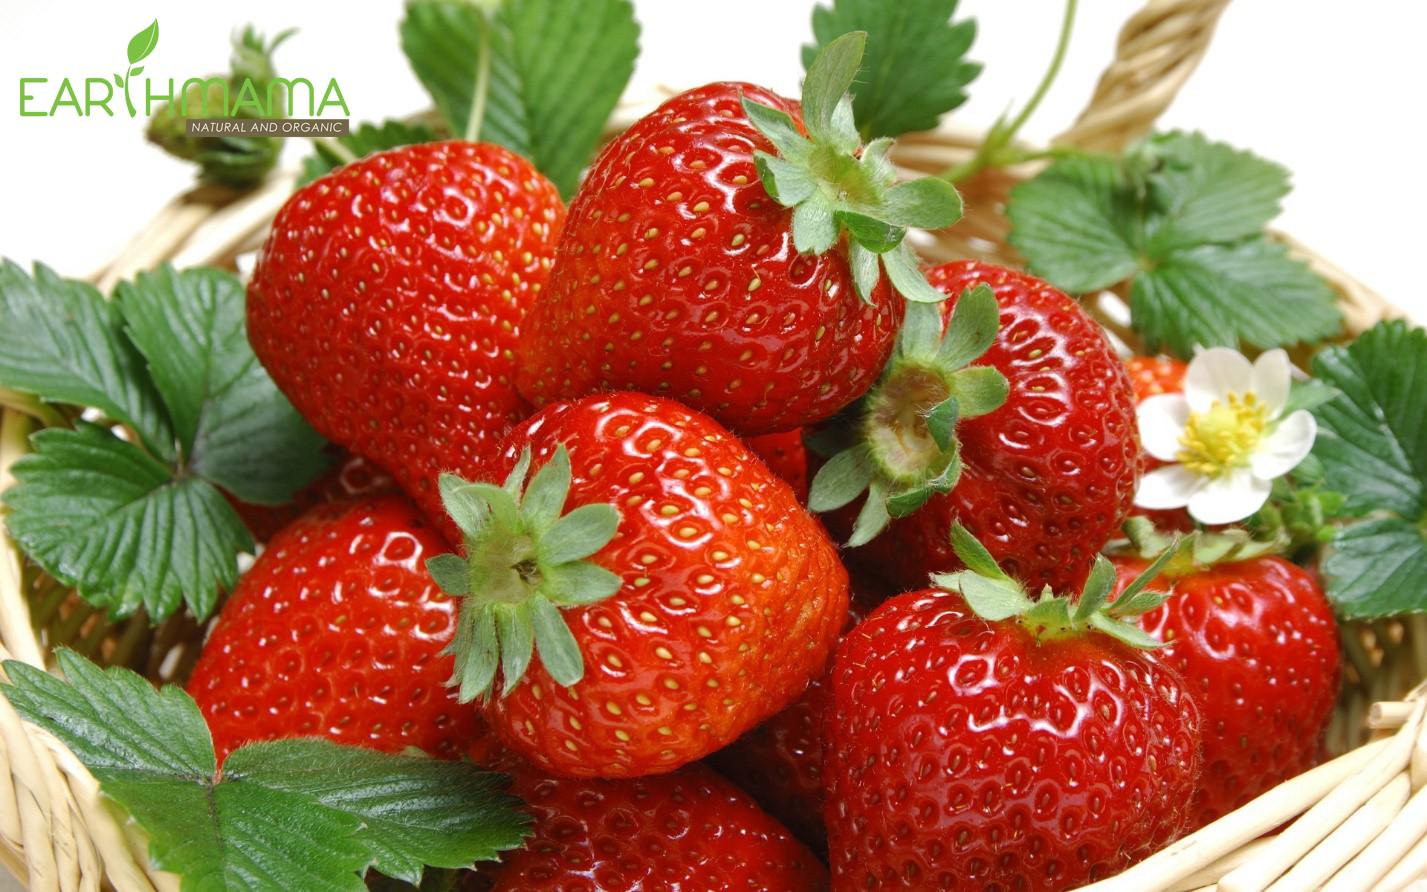 Dâu tây, mâm xôi, việt quất cũng là những loại quả có tính axit, có thể dẫn đến hăm tã